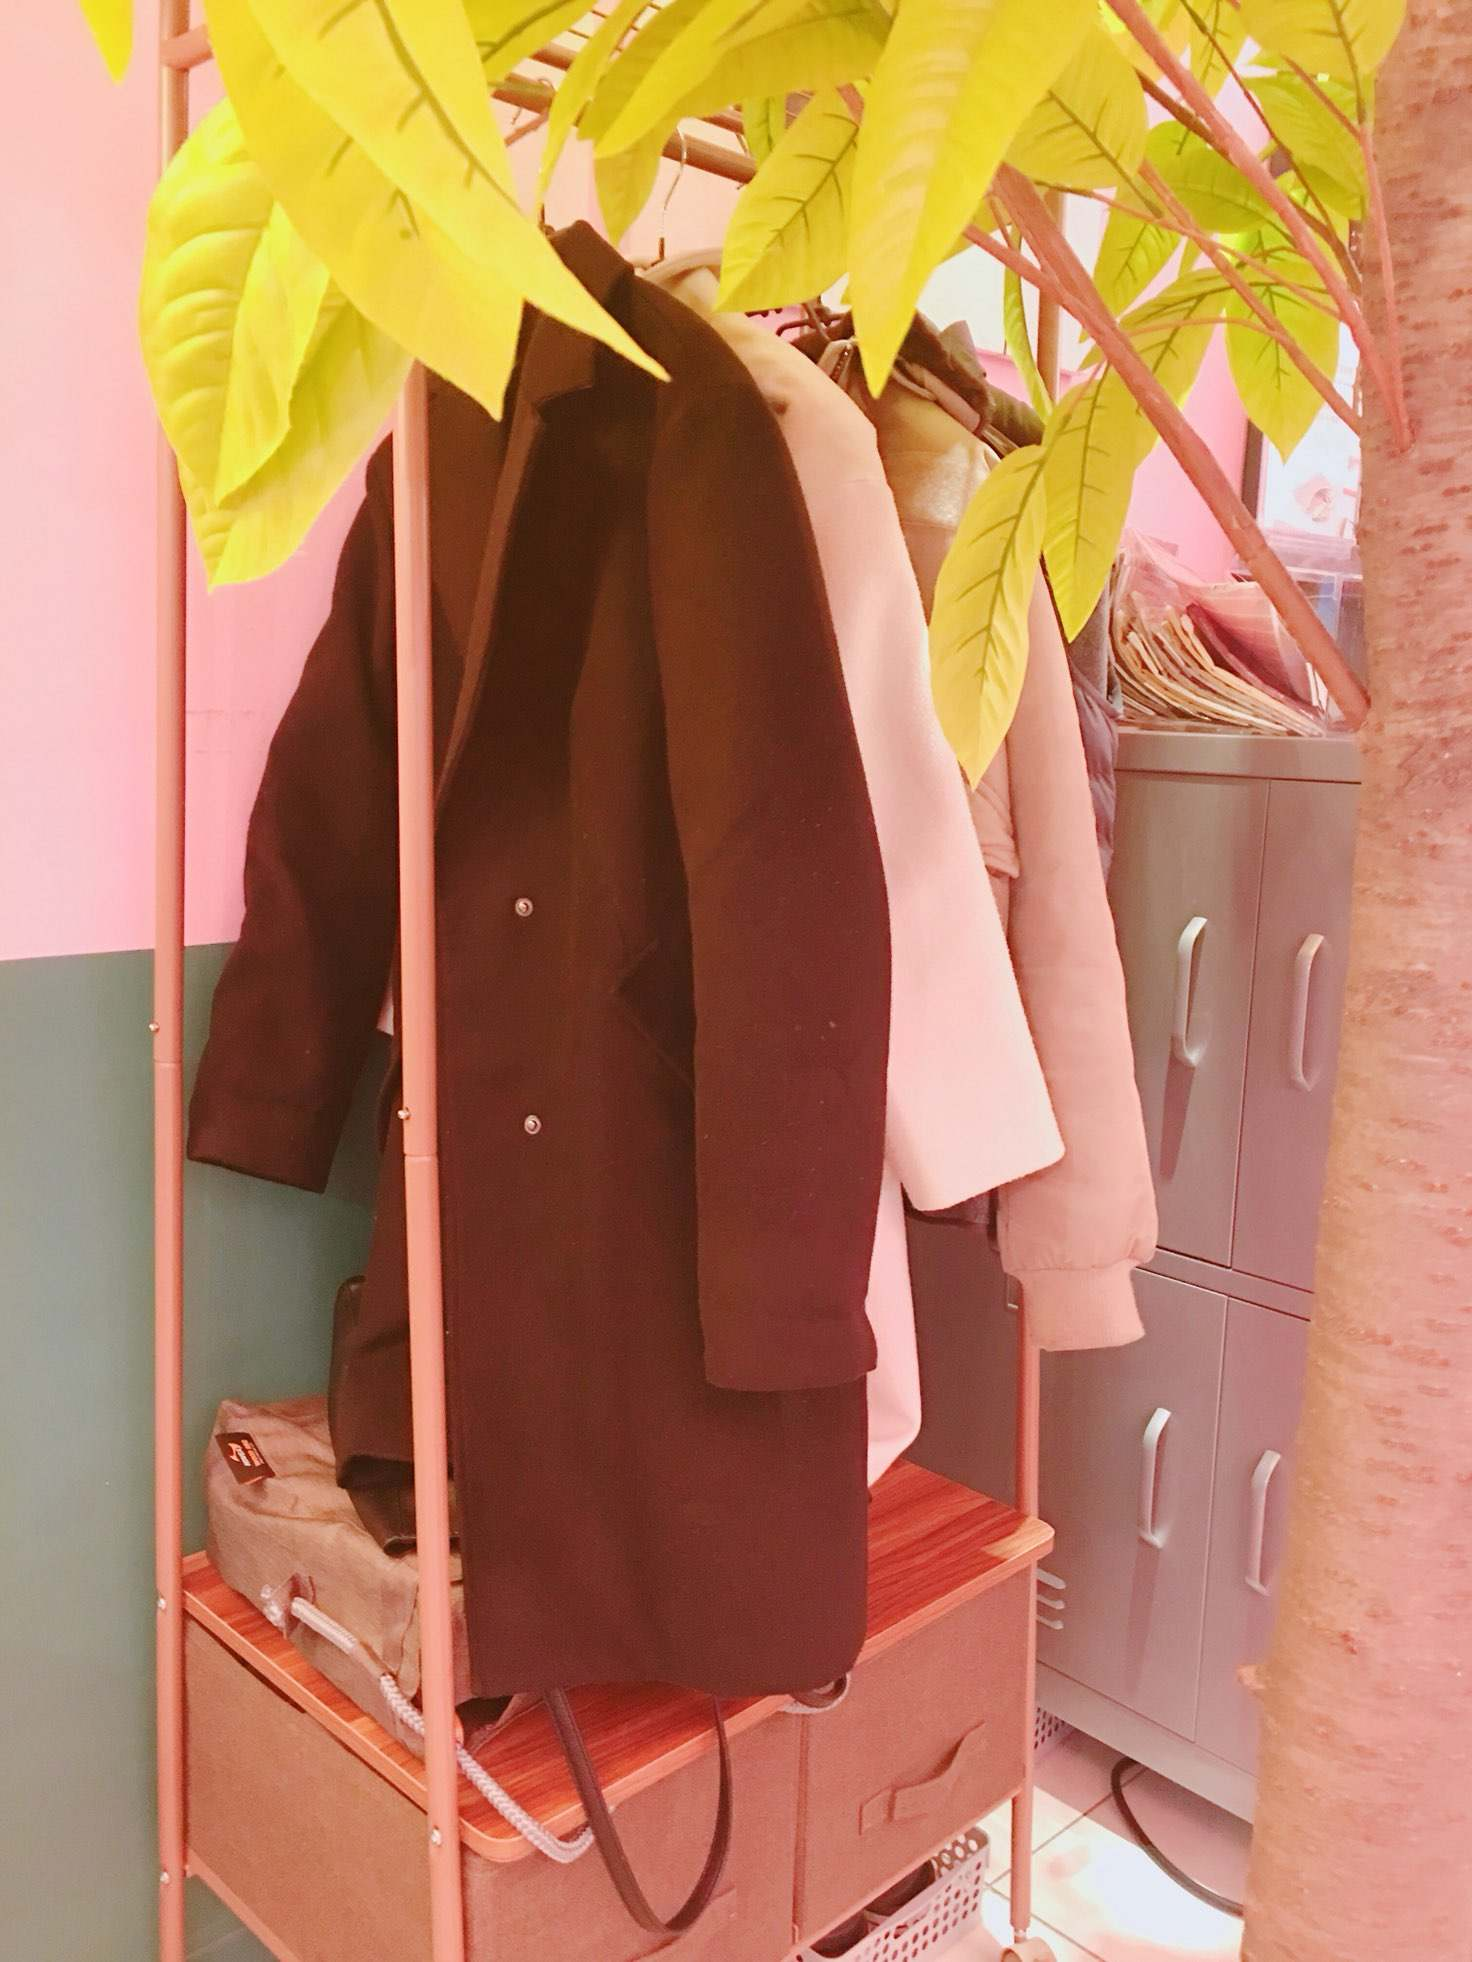 令小編覺得很貼心的是,咖啡廳還有設計讓你掛外套的地方呢,加分!!